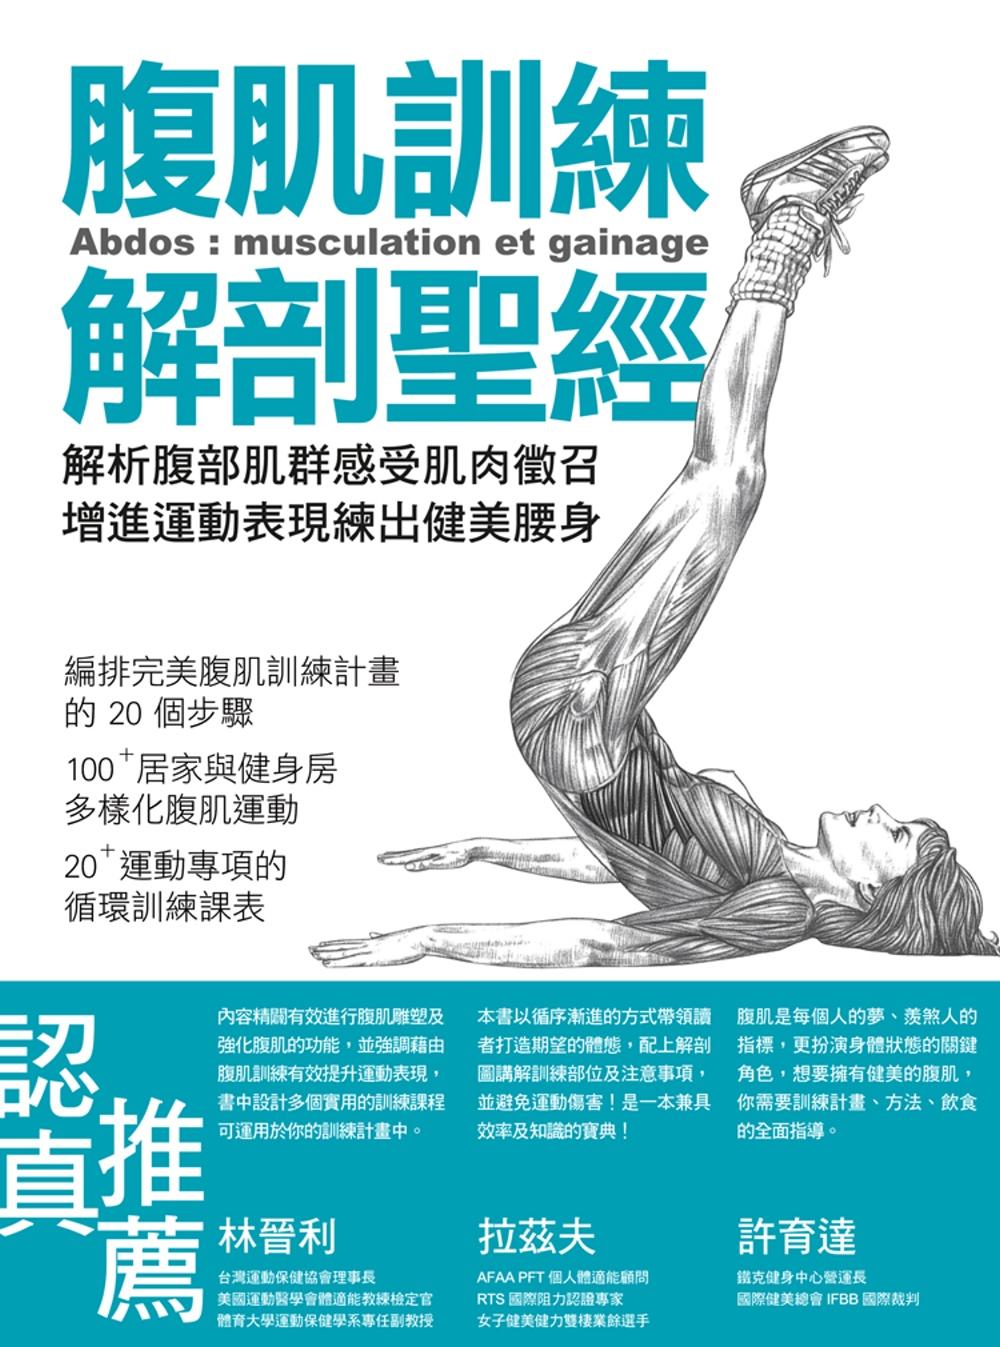 腹肌訓練解剖聖經:解析腹部肌群感受肌肉徵召,增進運動表現練出健美腰身